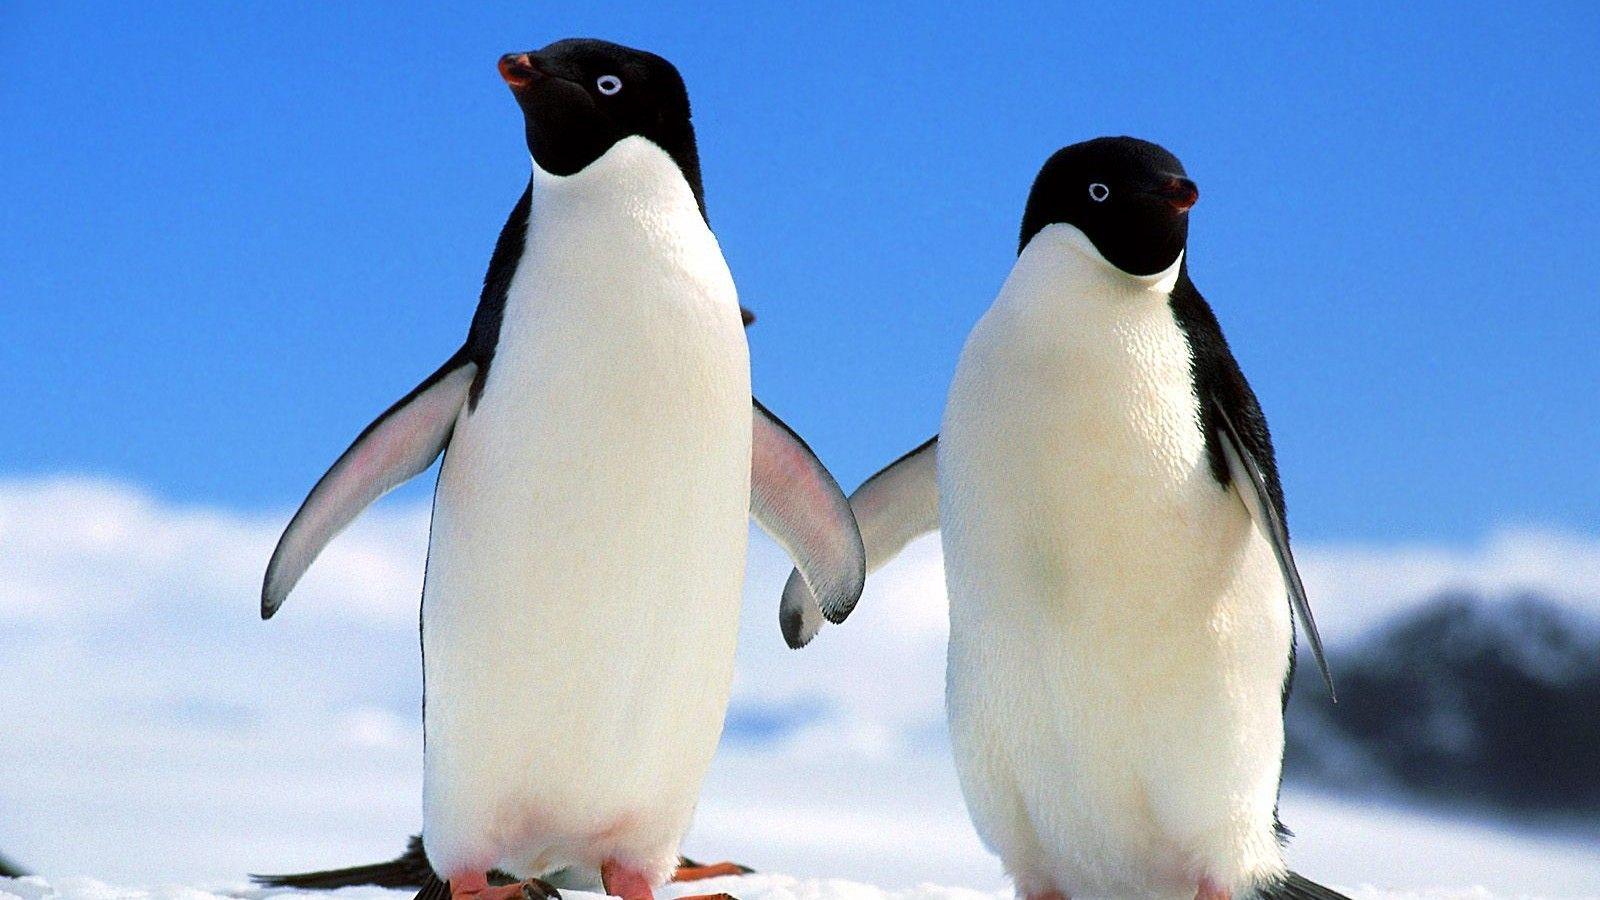 壁纸 动物 企鹅 1600_900